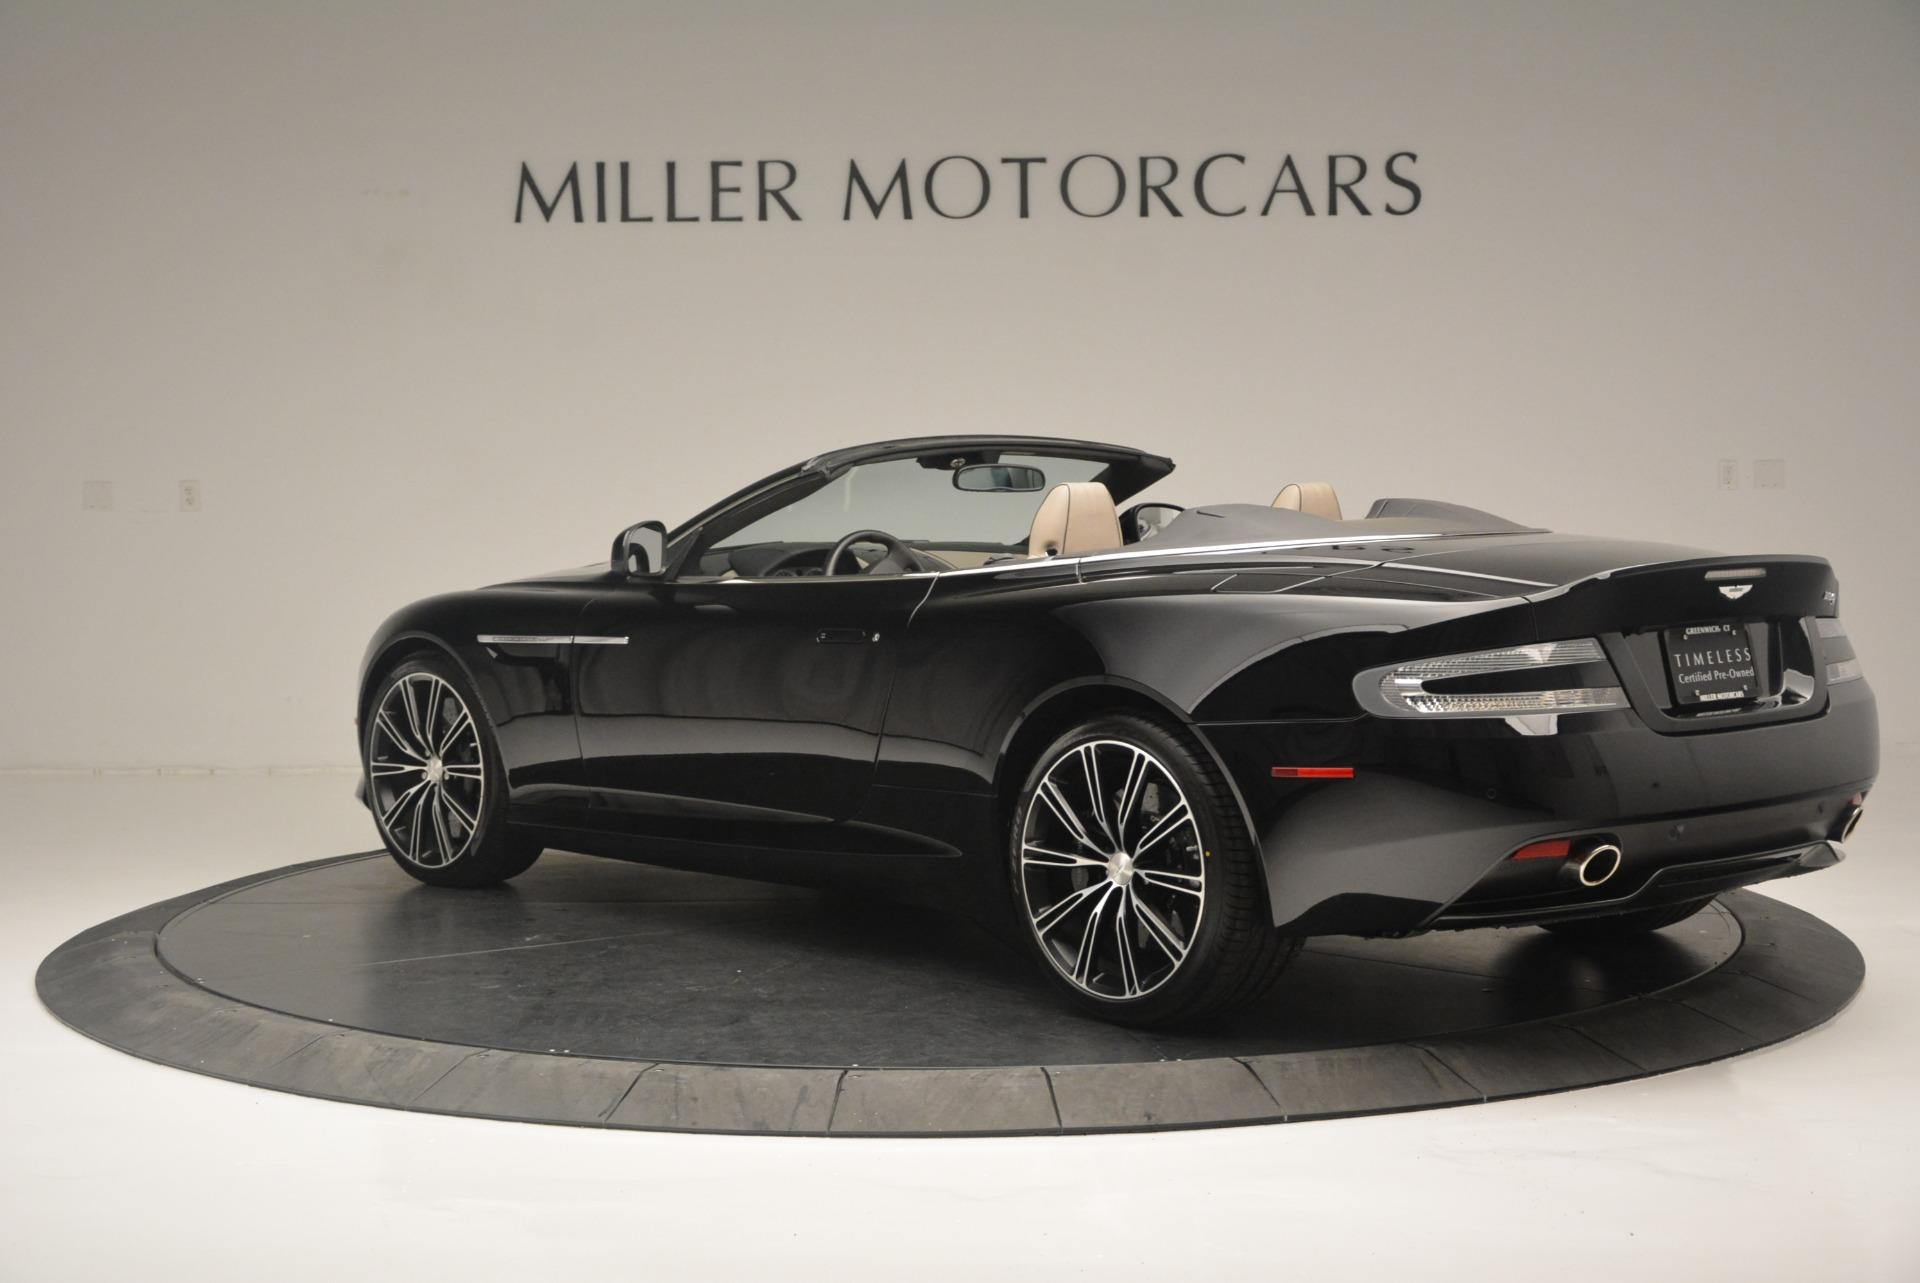 Used 2015 Aston Martin DB9 Volante For Sale In Greenwich, CT. Alfa Romeo of Greenwich, 7389 2318_p4